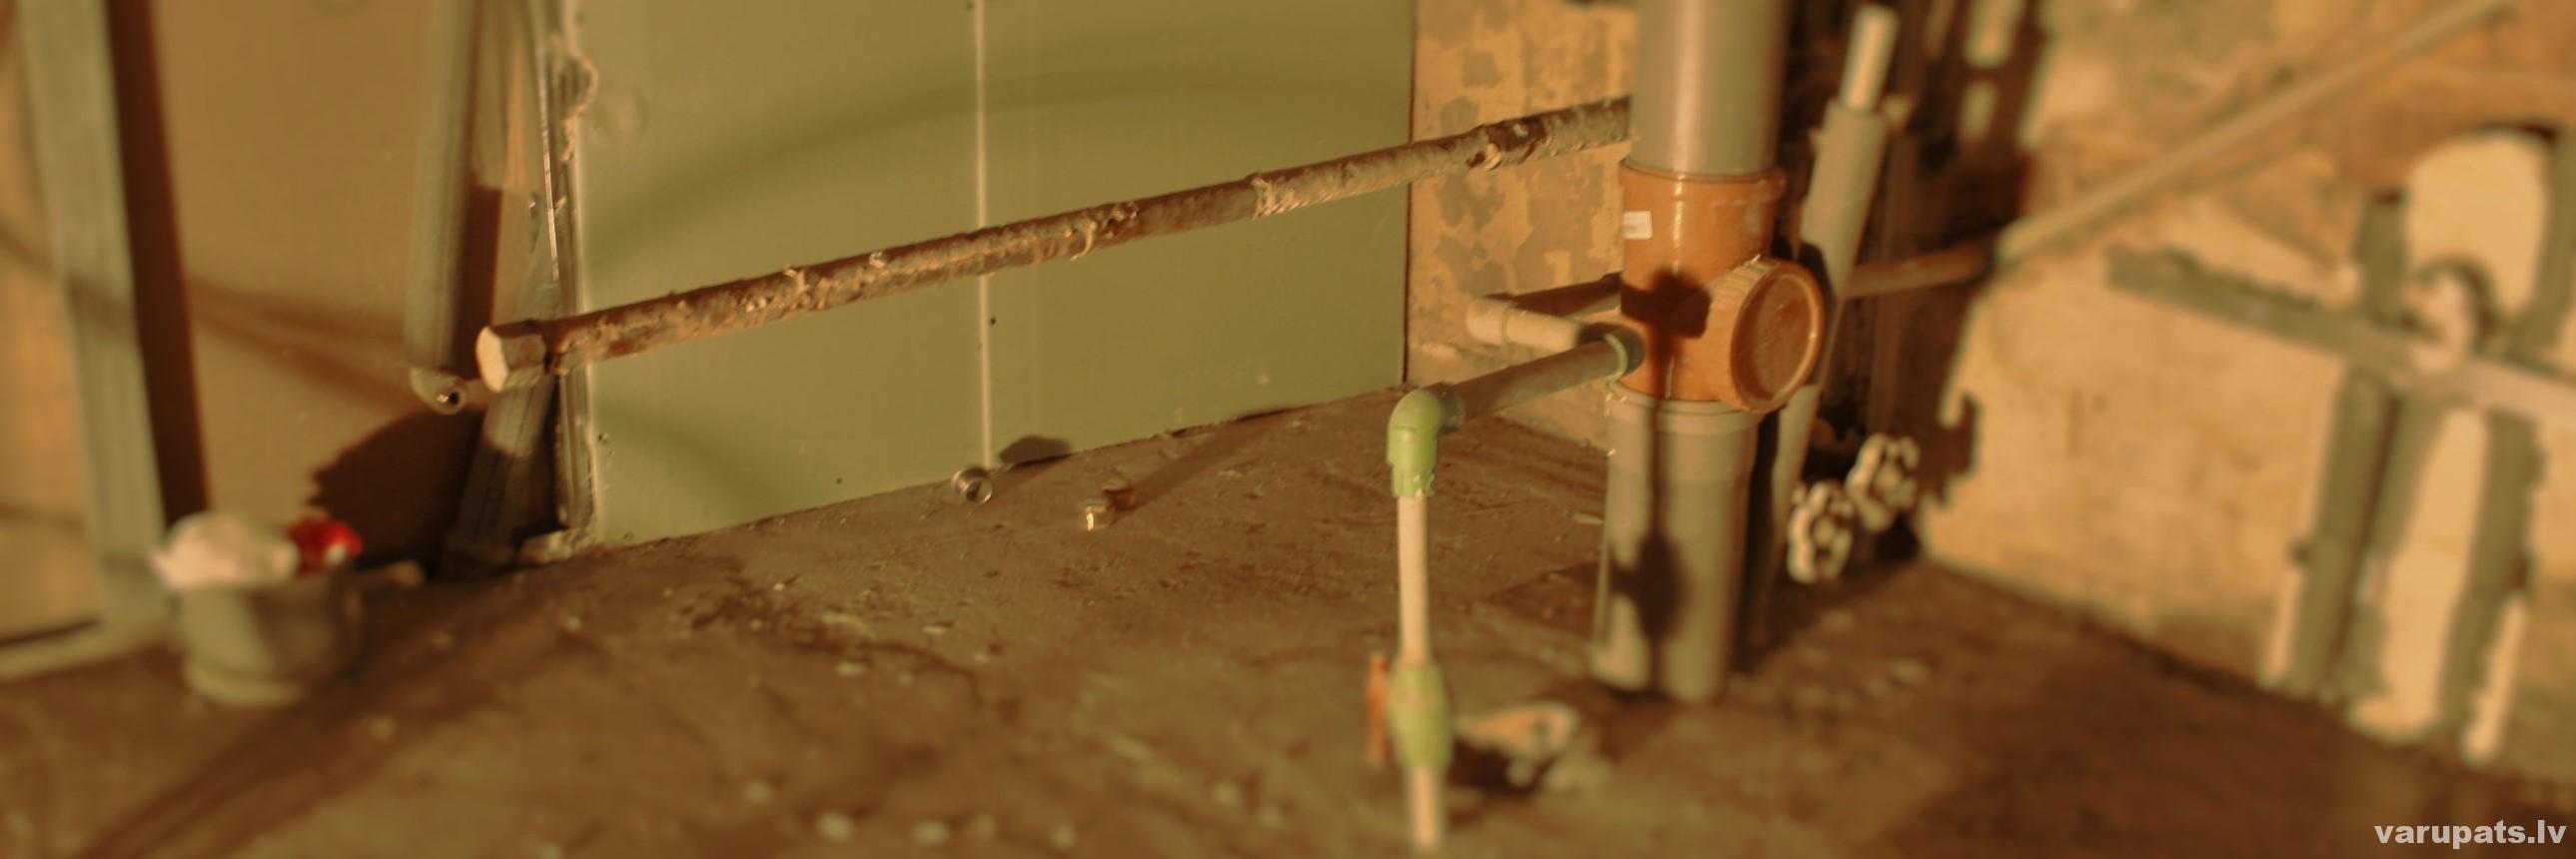 cauruļu sasaldēšana, cauruļu nomaiņa sasaldējot caurules